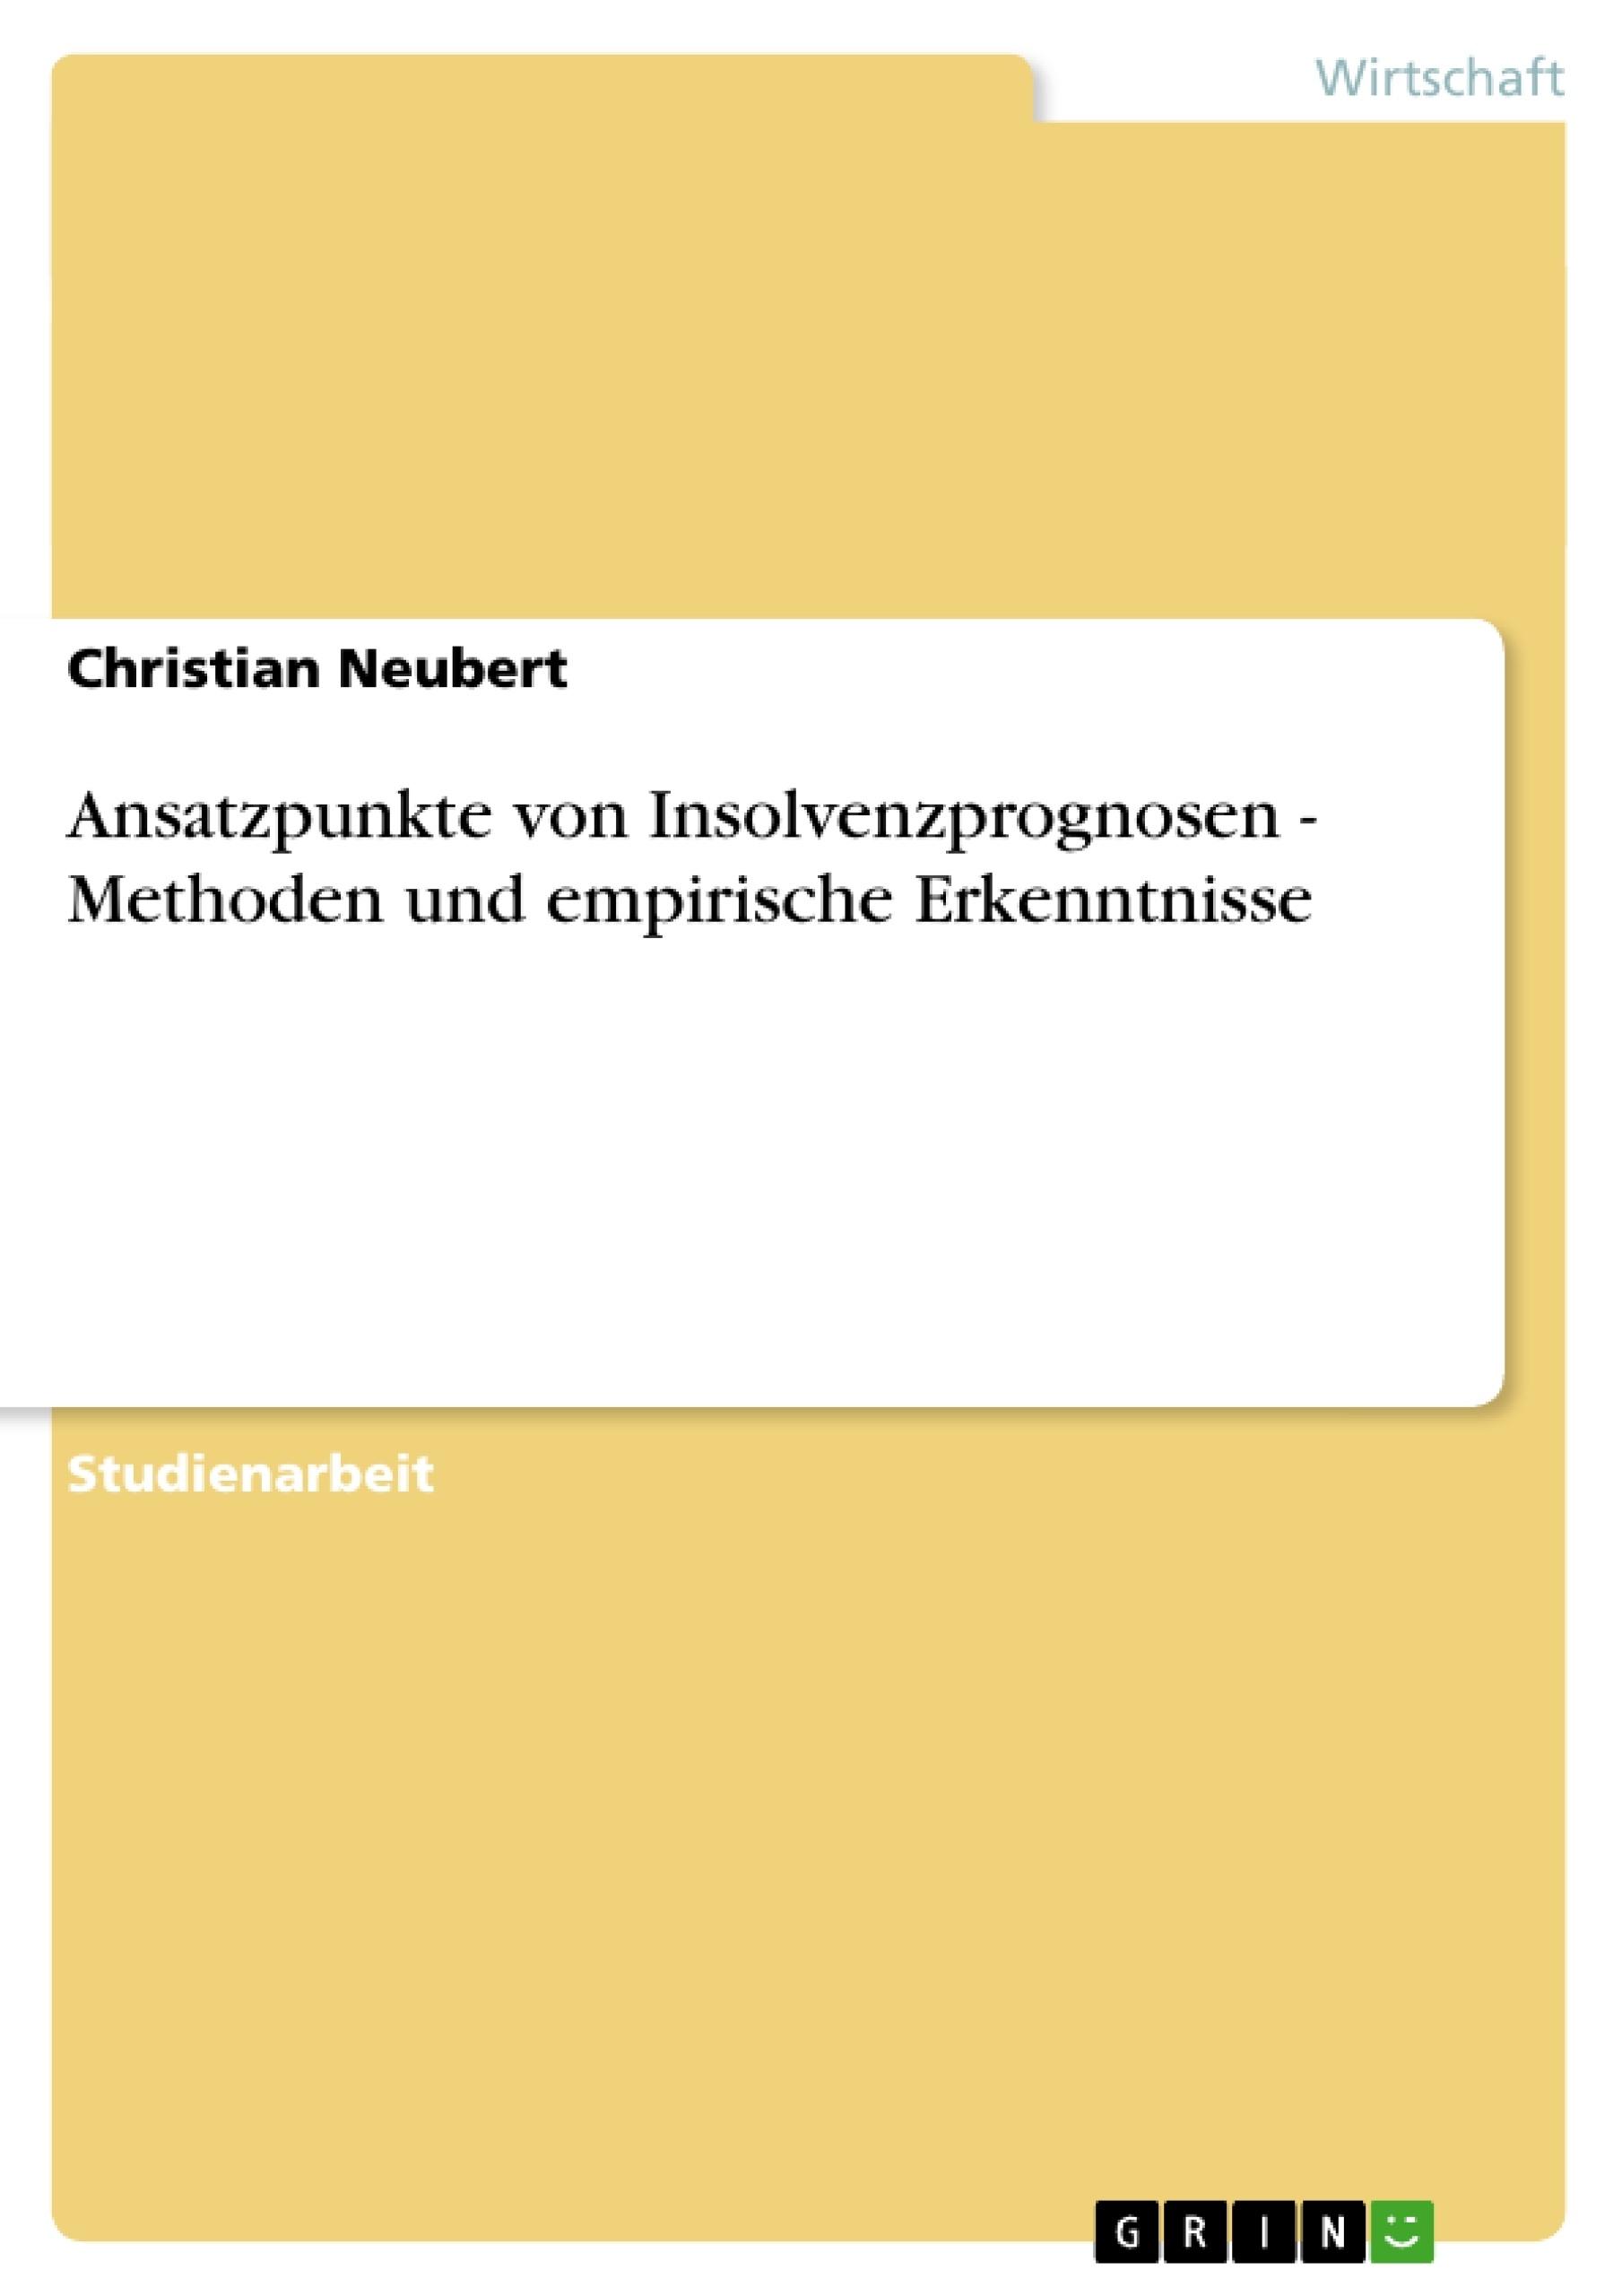 Titel: Ansatzpunkte von Insolvenzprognosen - Methoden und empirische Erkenntnisse